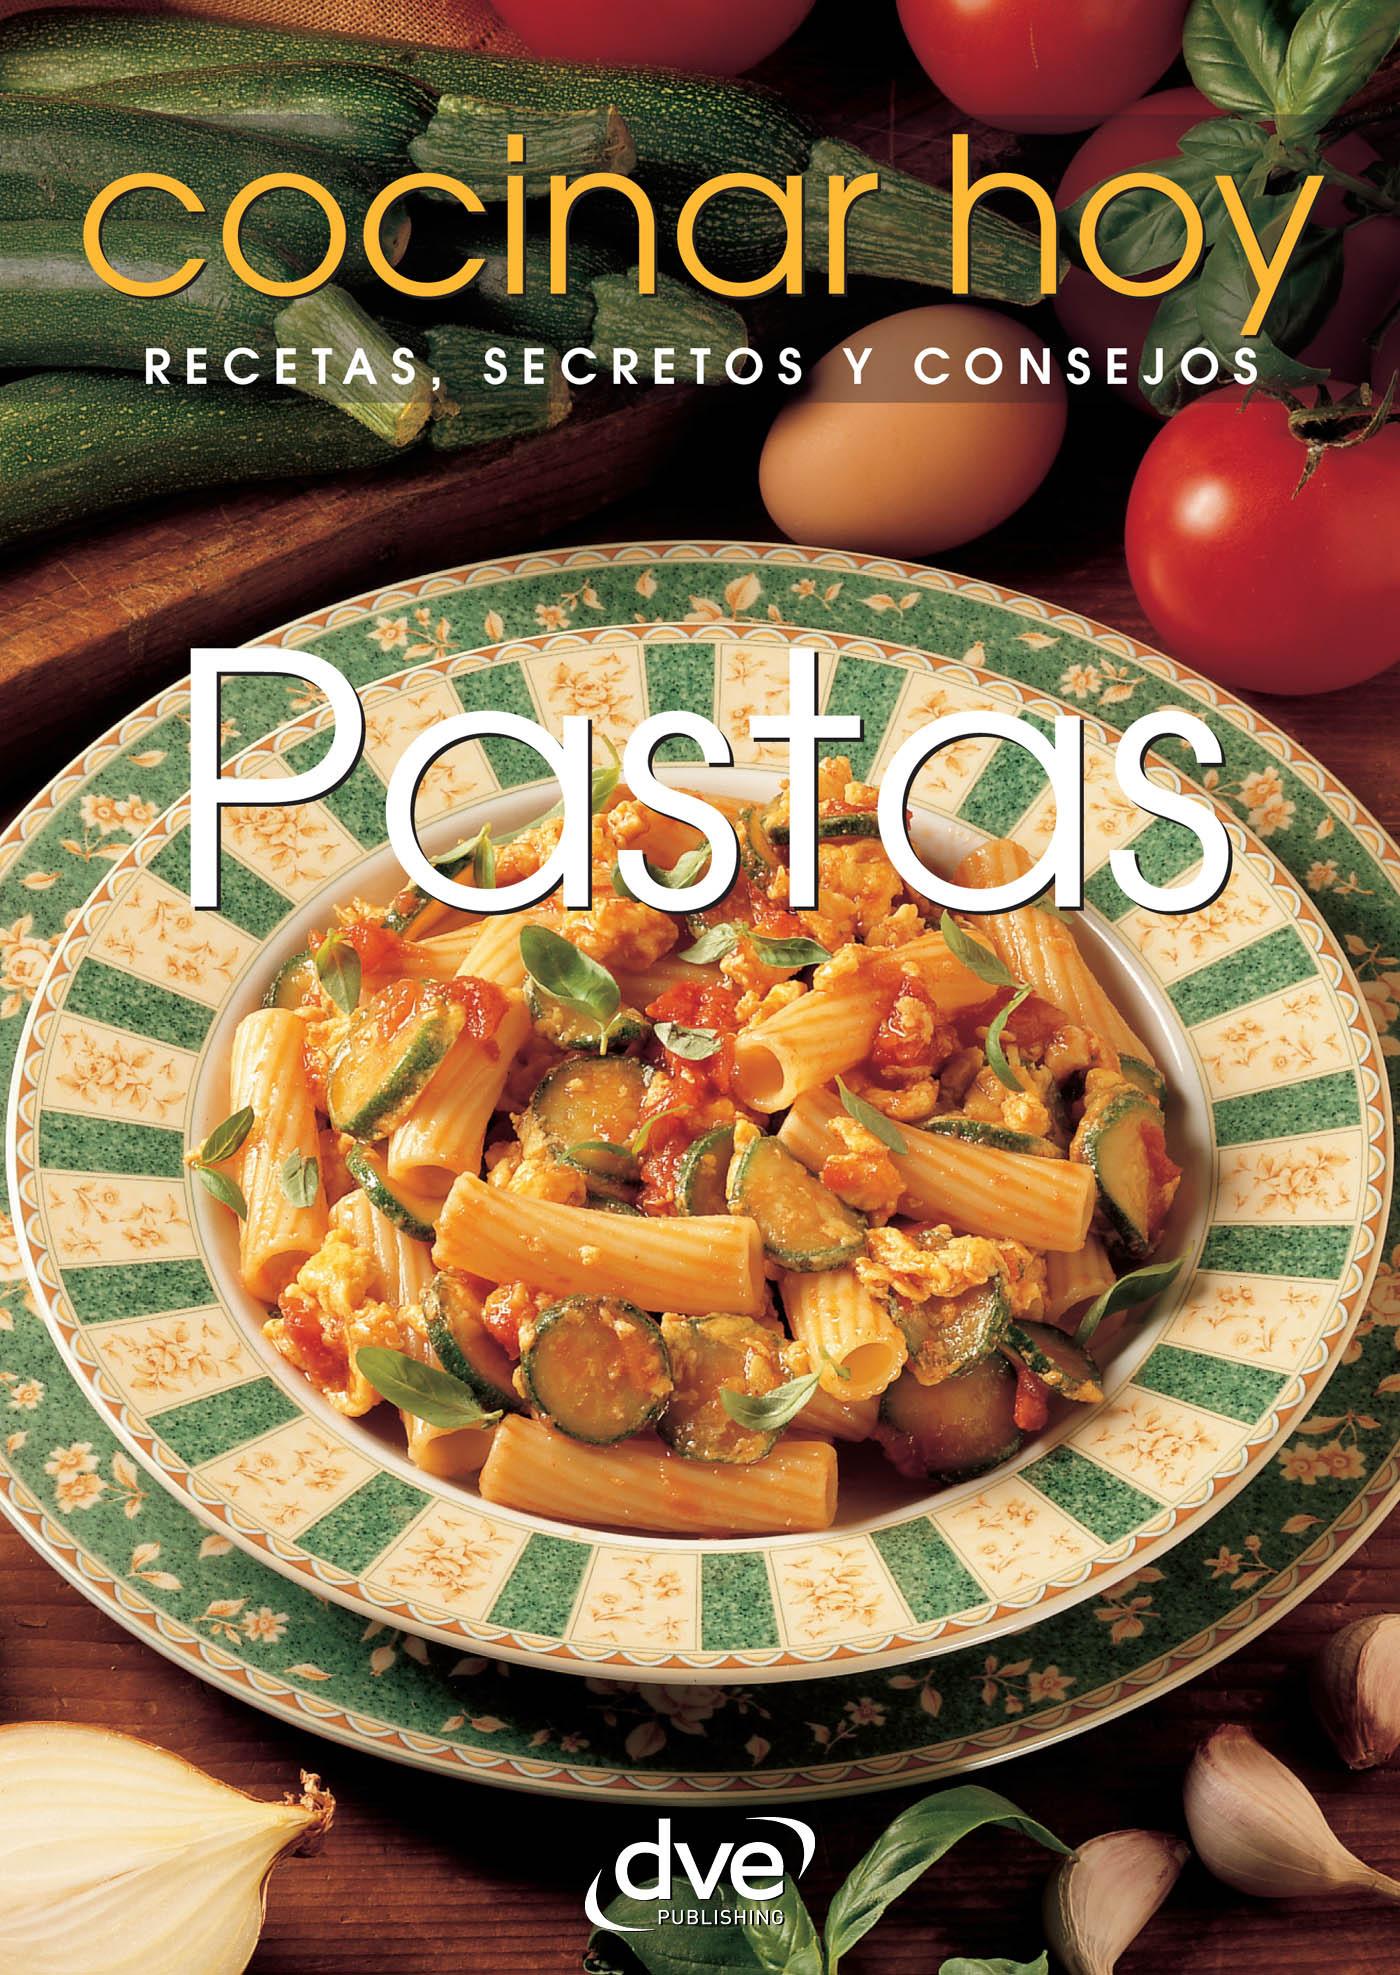 autores, Varios autores Varios - Pastas, ebook